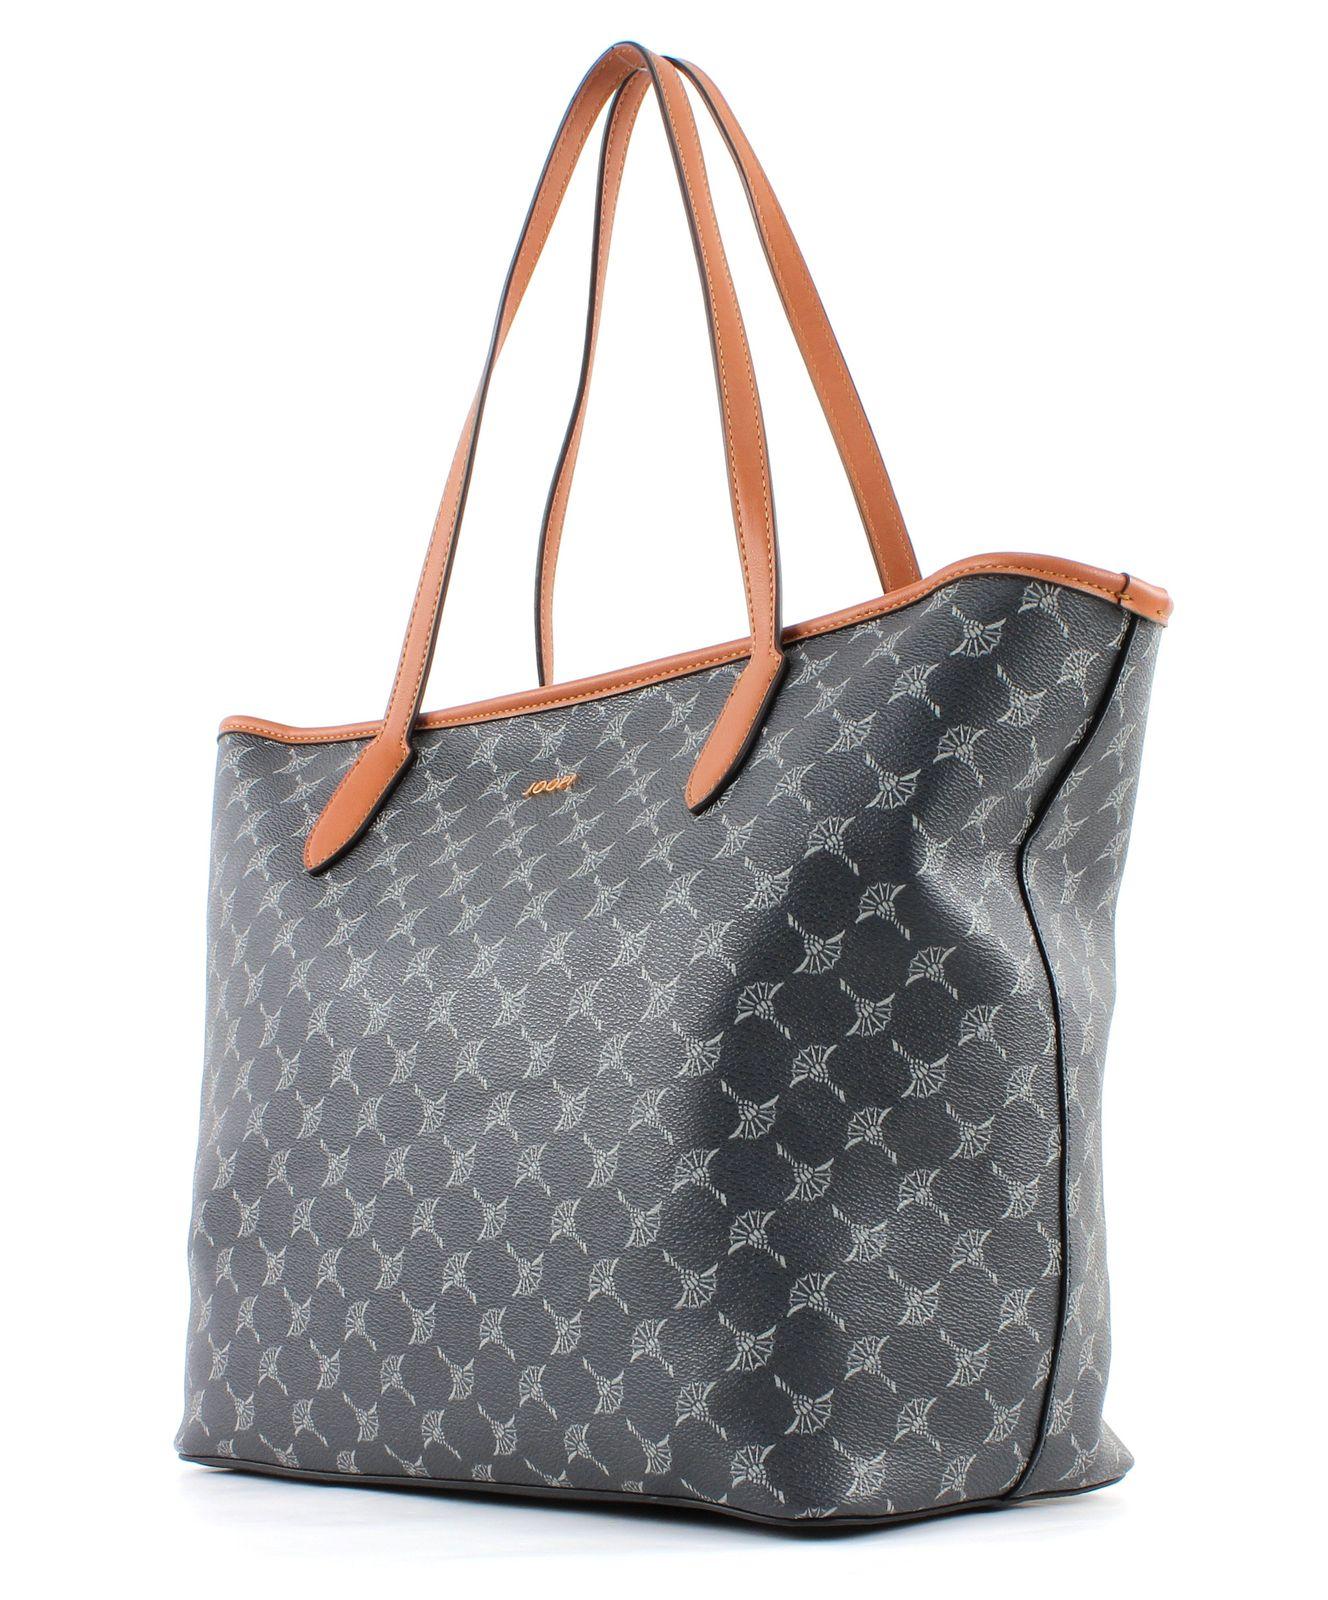 15eeb8ca8431b Joop Handtasche Cortina Lara Shopper LHZ Blue Billig Verkaufen Kaufen  CRnKRHabnM